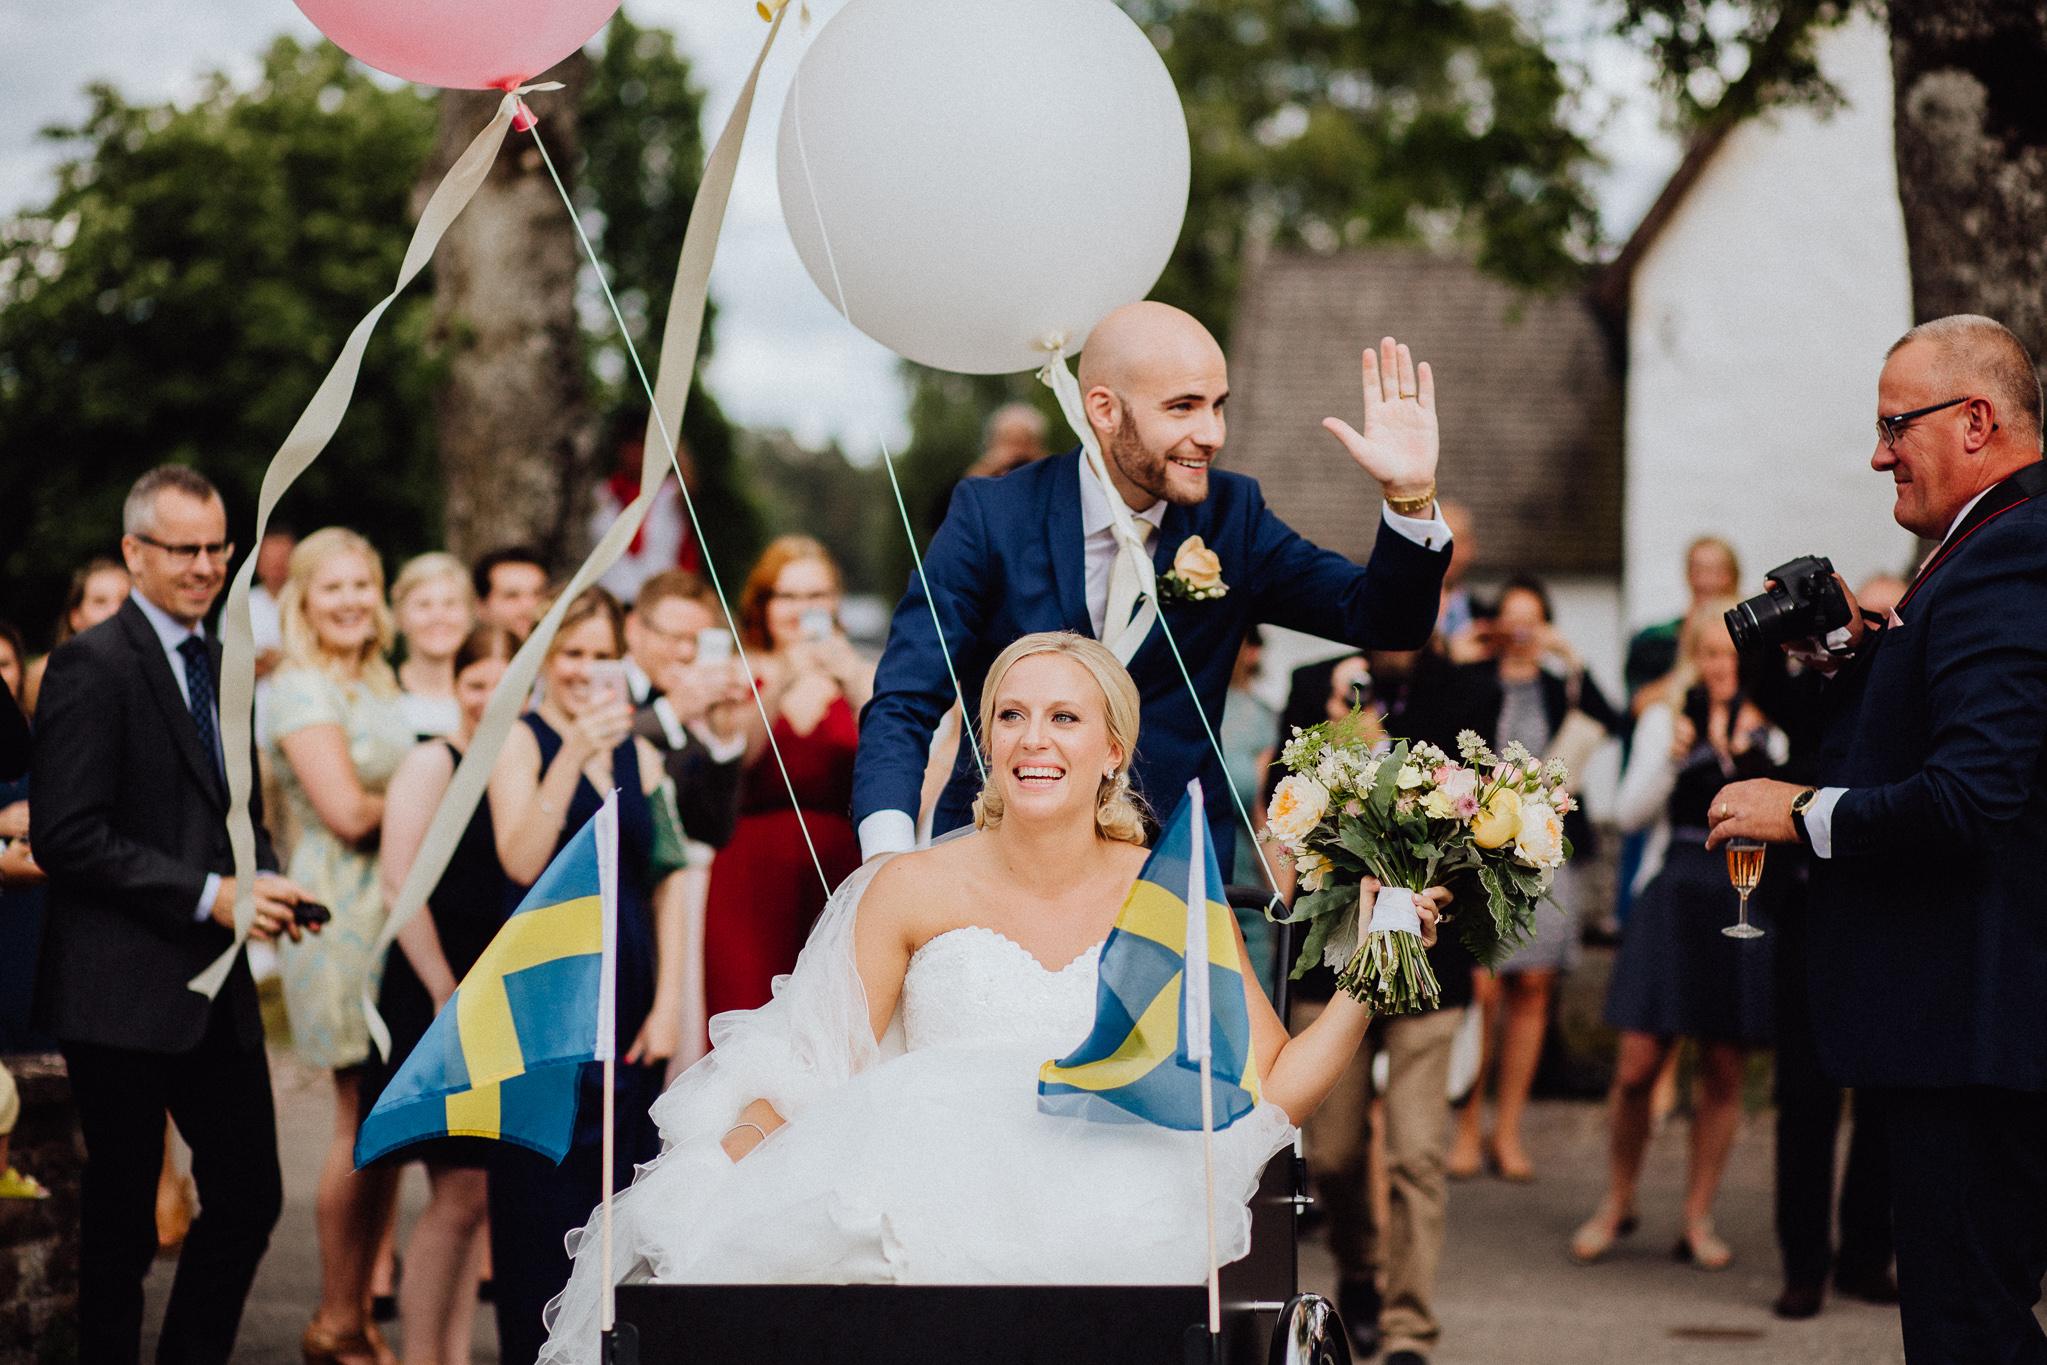 Bröllop Öjaby kyrka Bokhultet Vetlanda Eksjö Nässjö Jönköping Göteborg Växjö Helsingborg Stockholm Småland